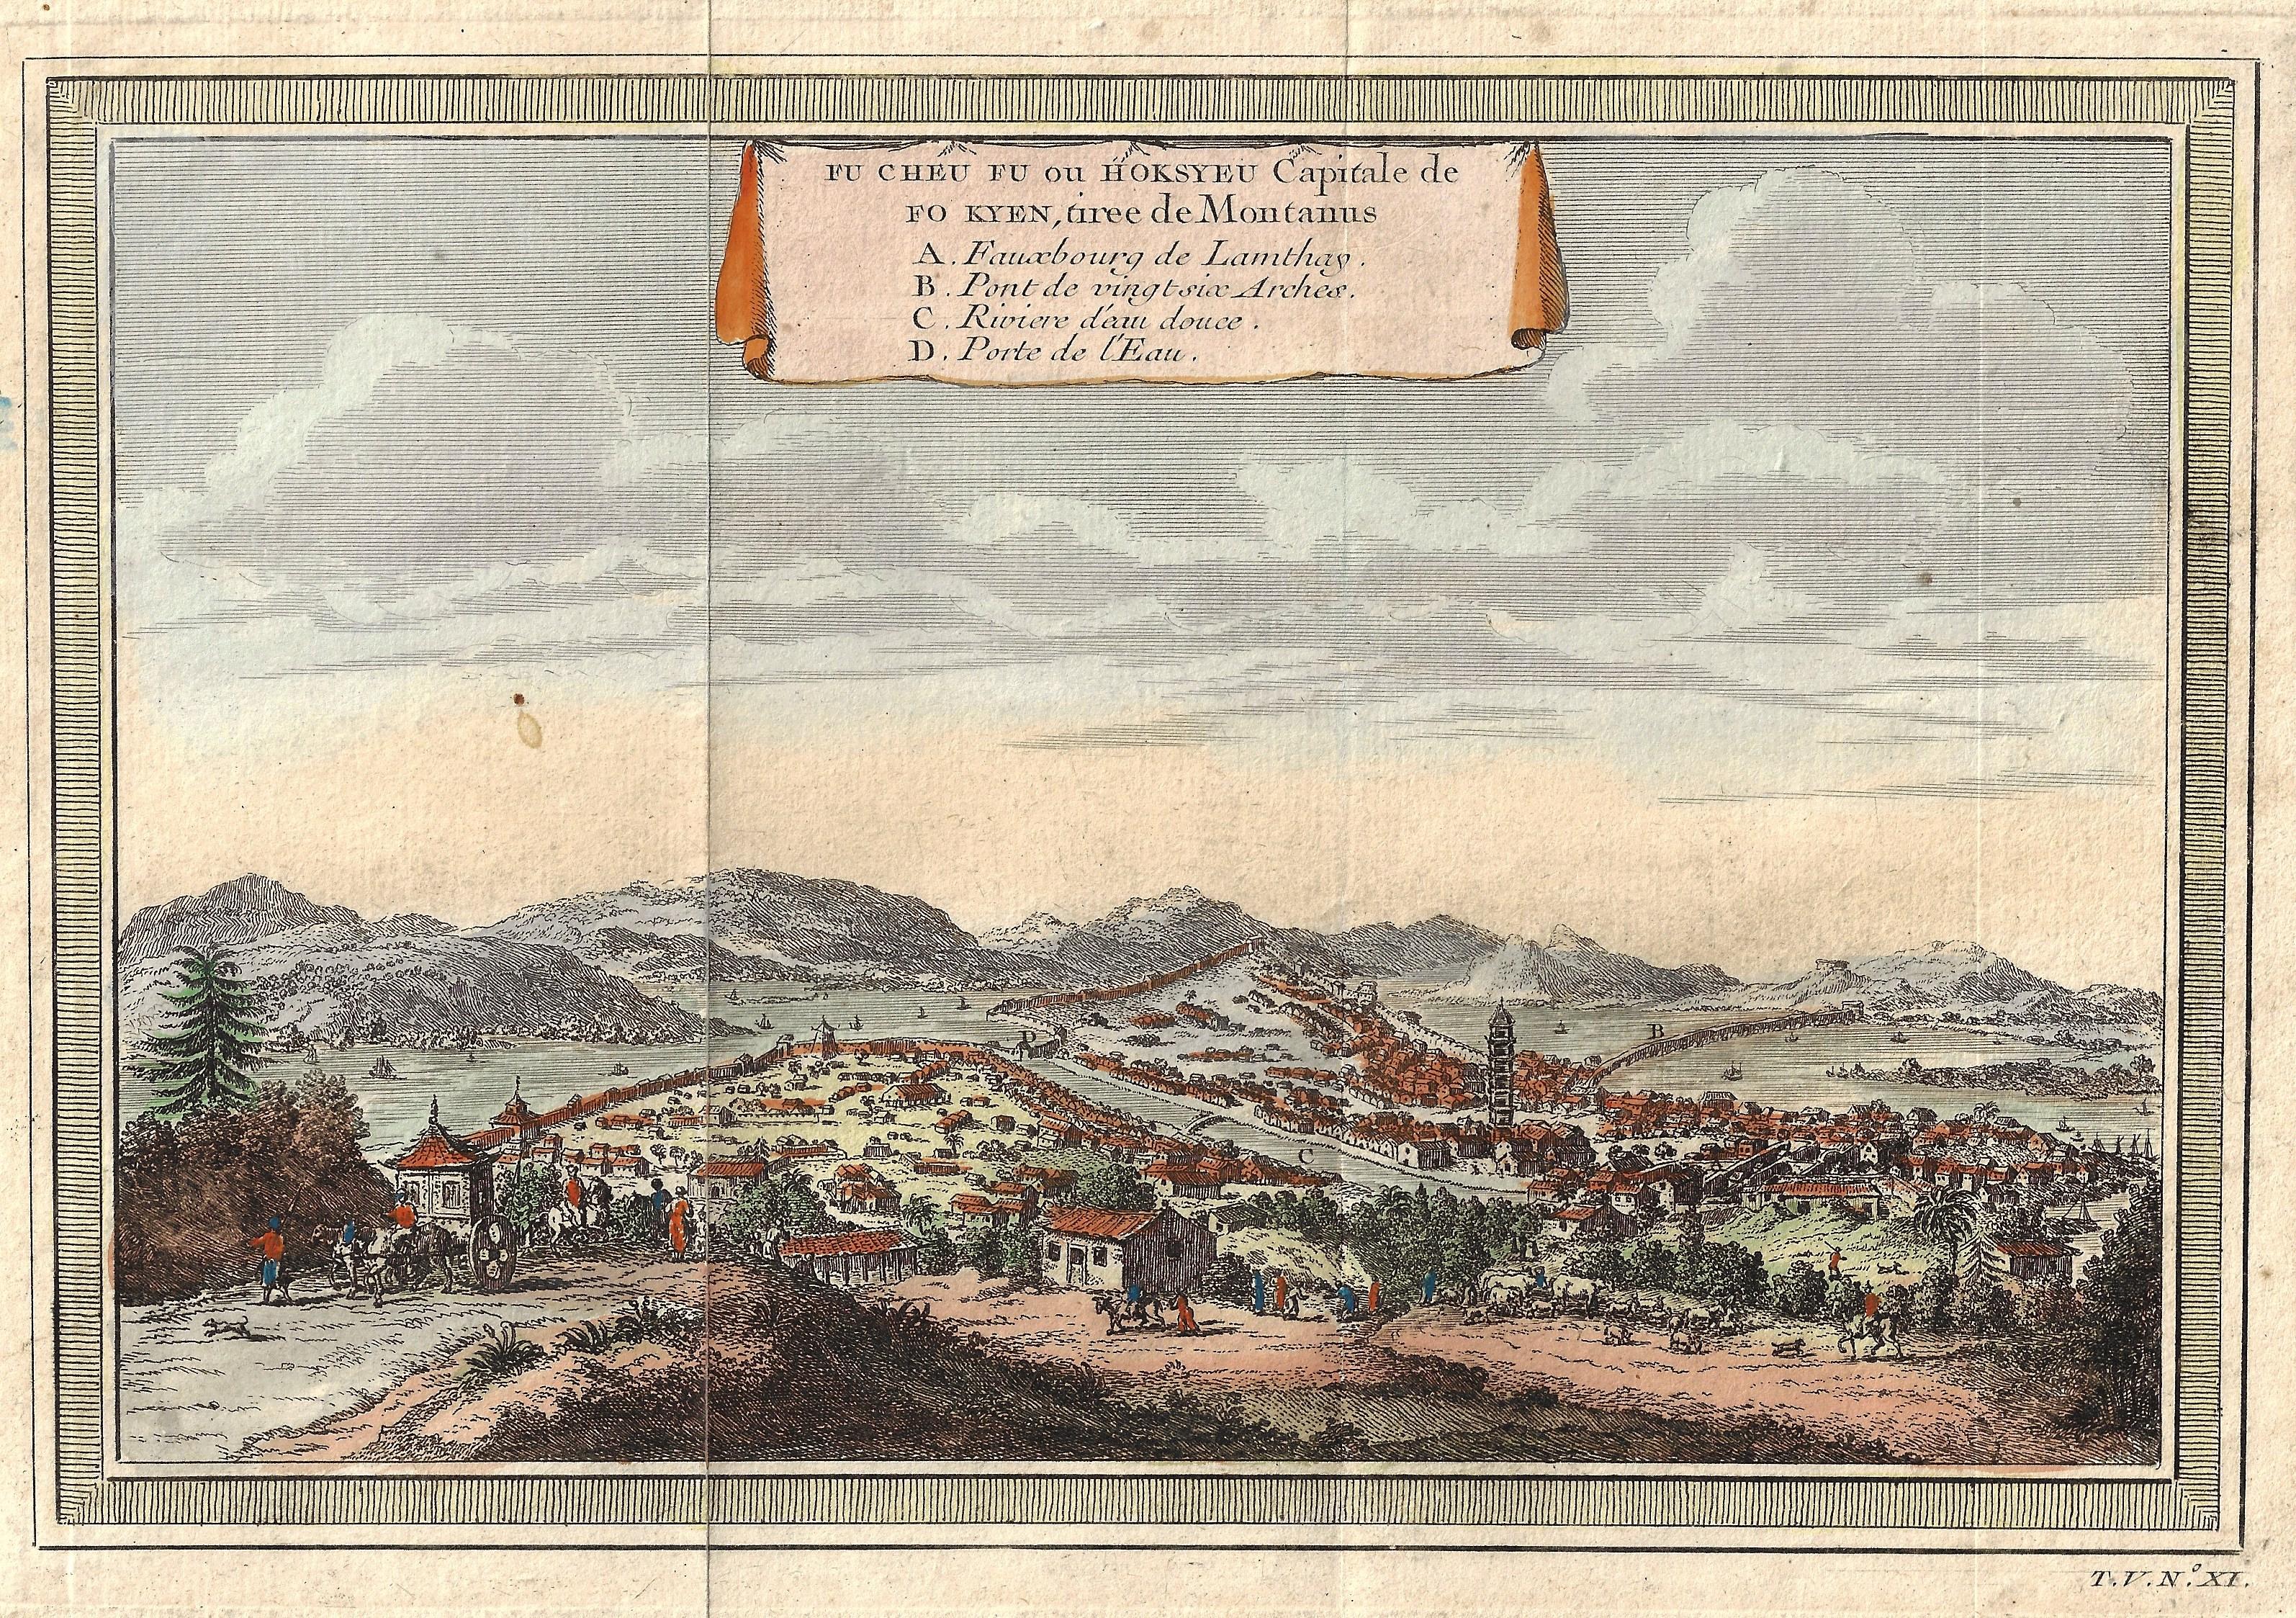 Bellin Jacques Nicolas Fu cheu fu ou Hoksyeu Capitale de fo Kyen, tiree de Montanus